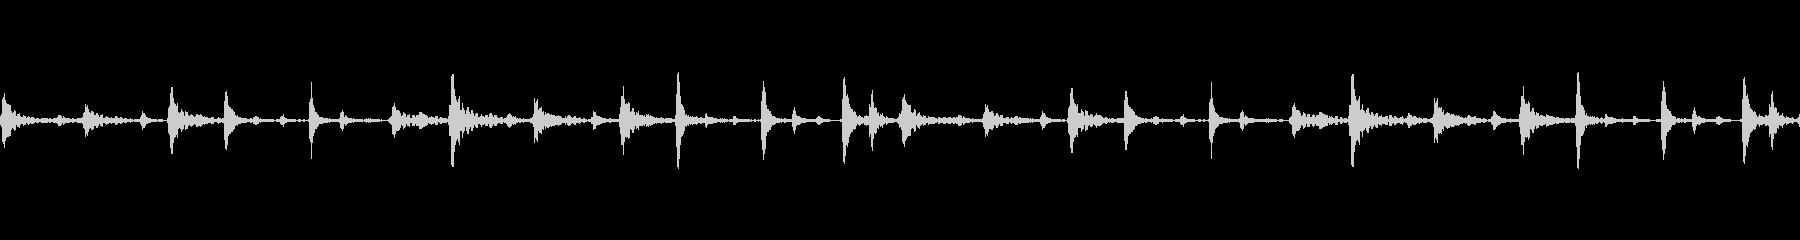 パーカッション カホーンloopの未再生の波形